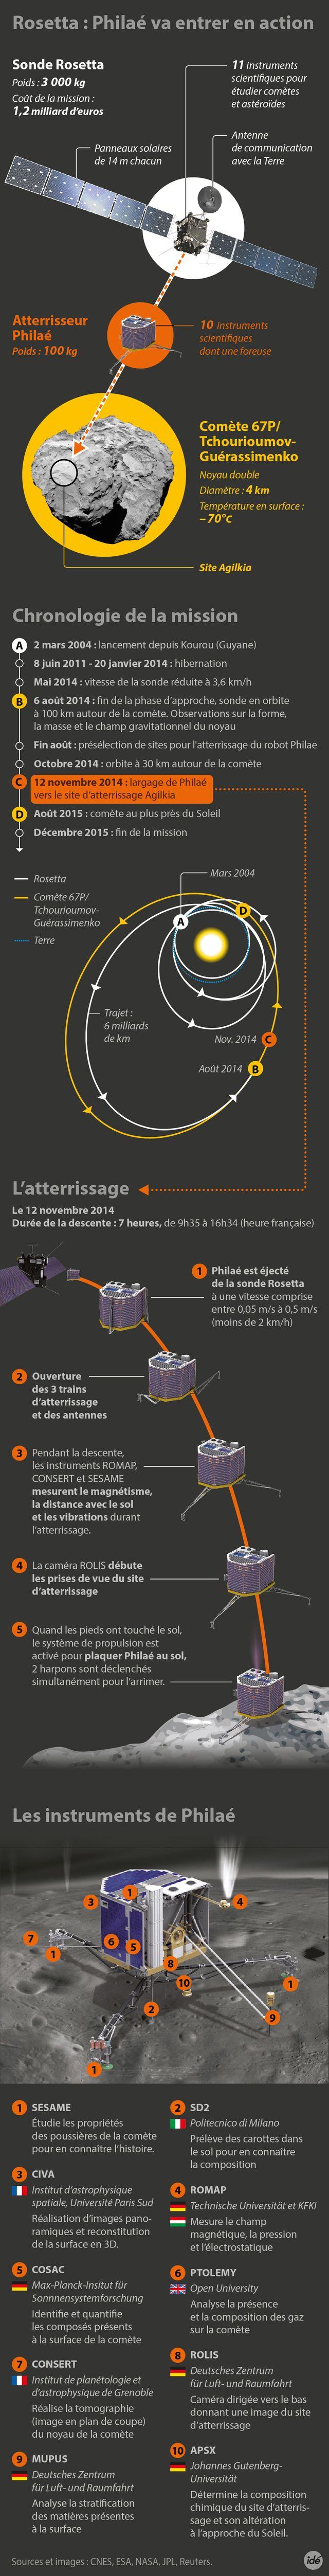 La mission Rosetta